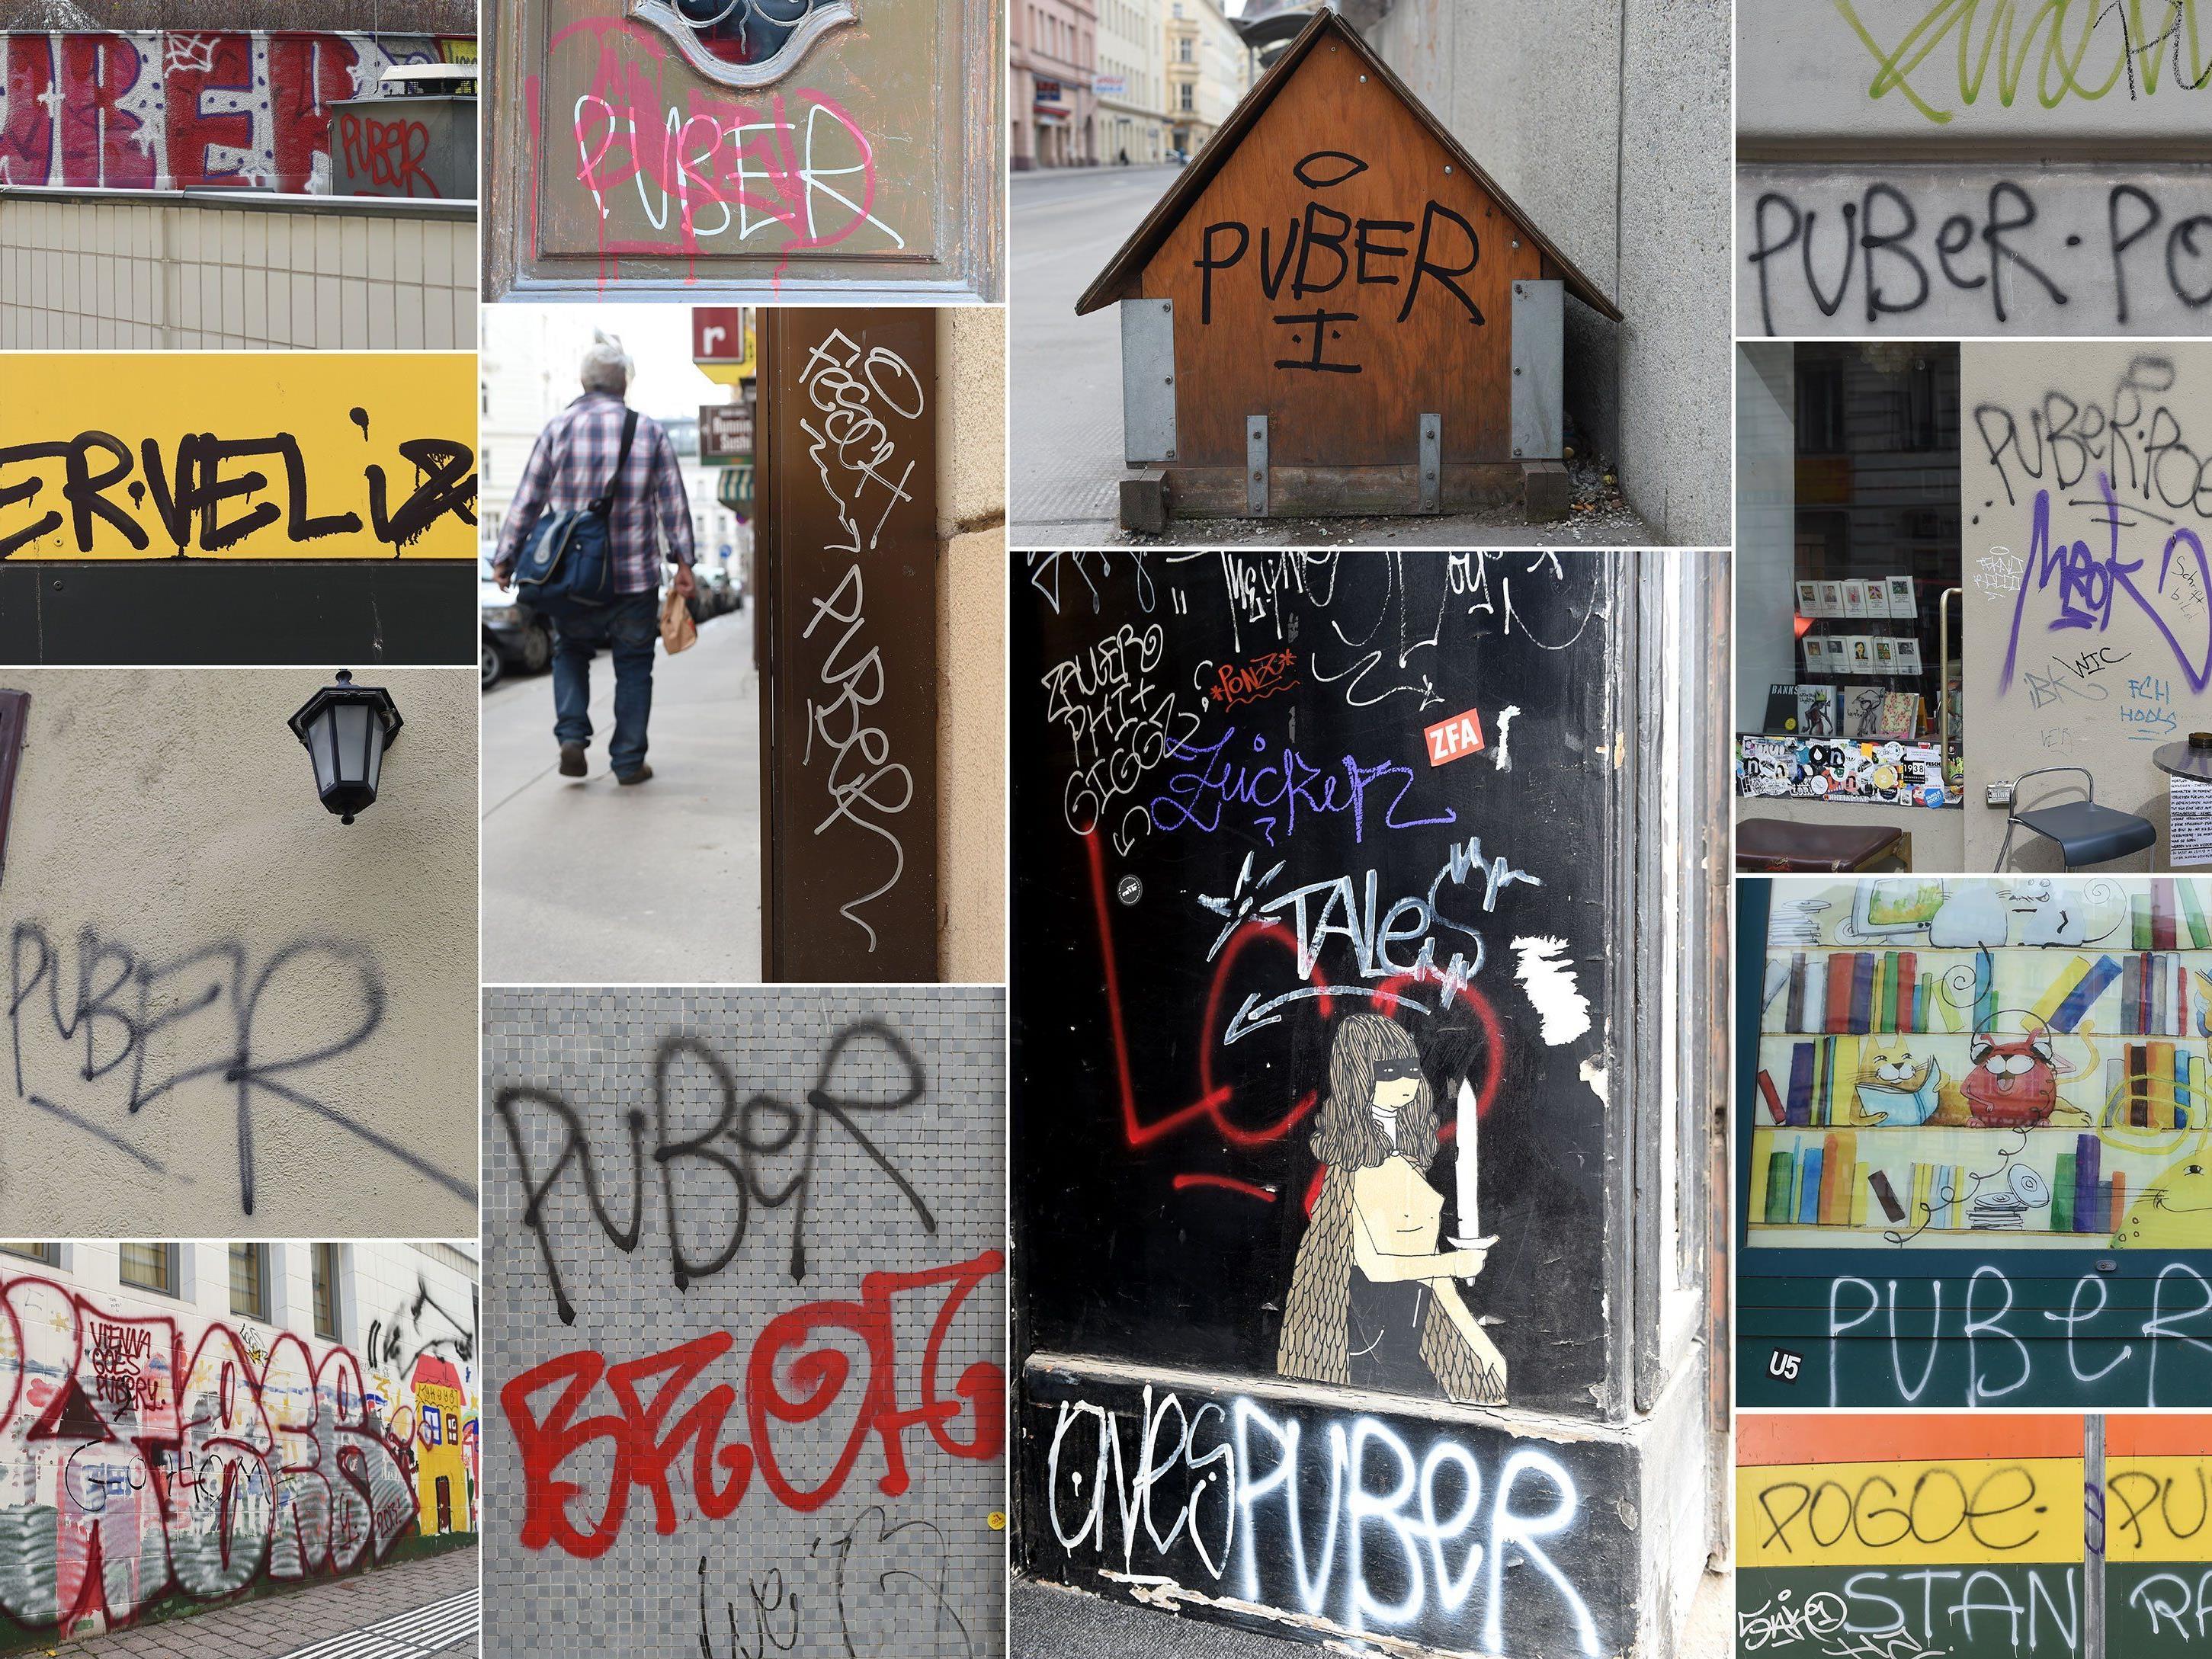 Der Sprayer soll einen Schaden von mindestens 50.000 Euro angerichtet haben.